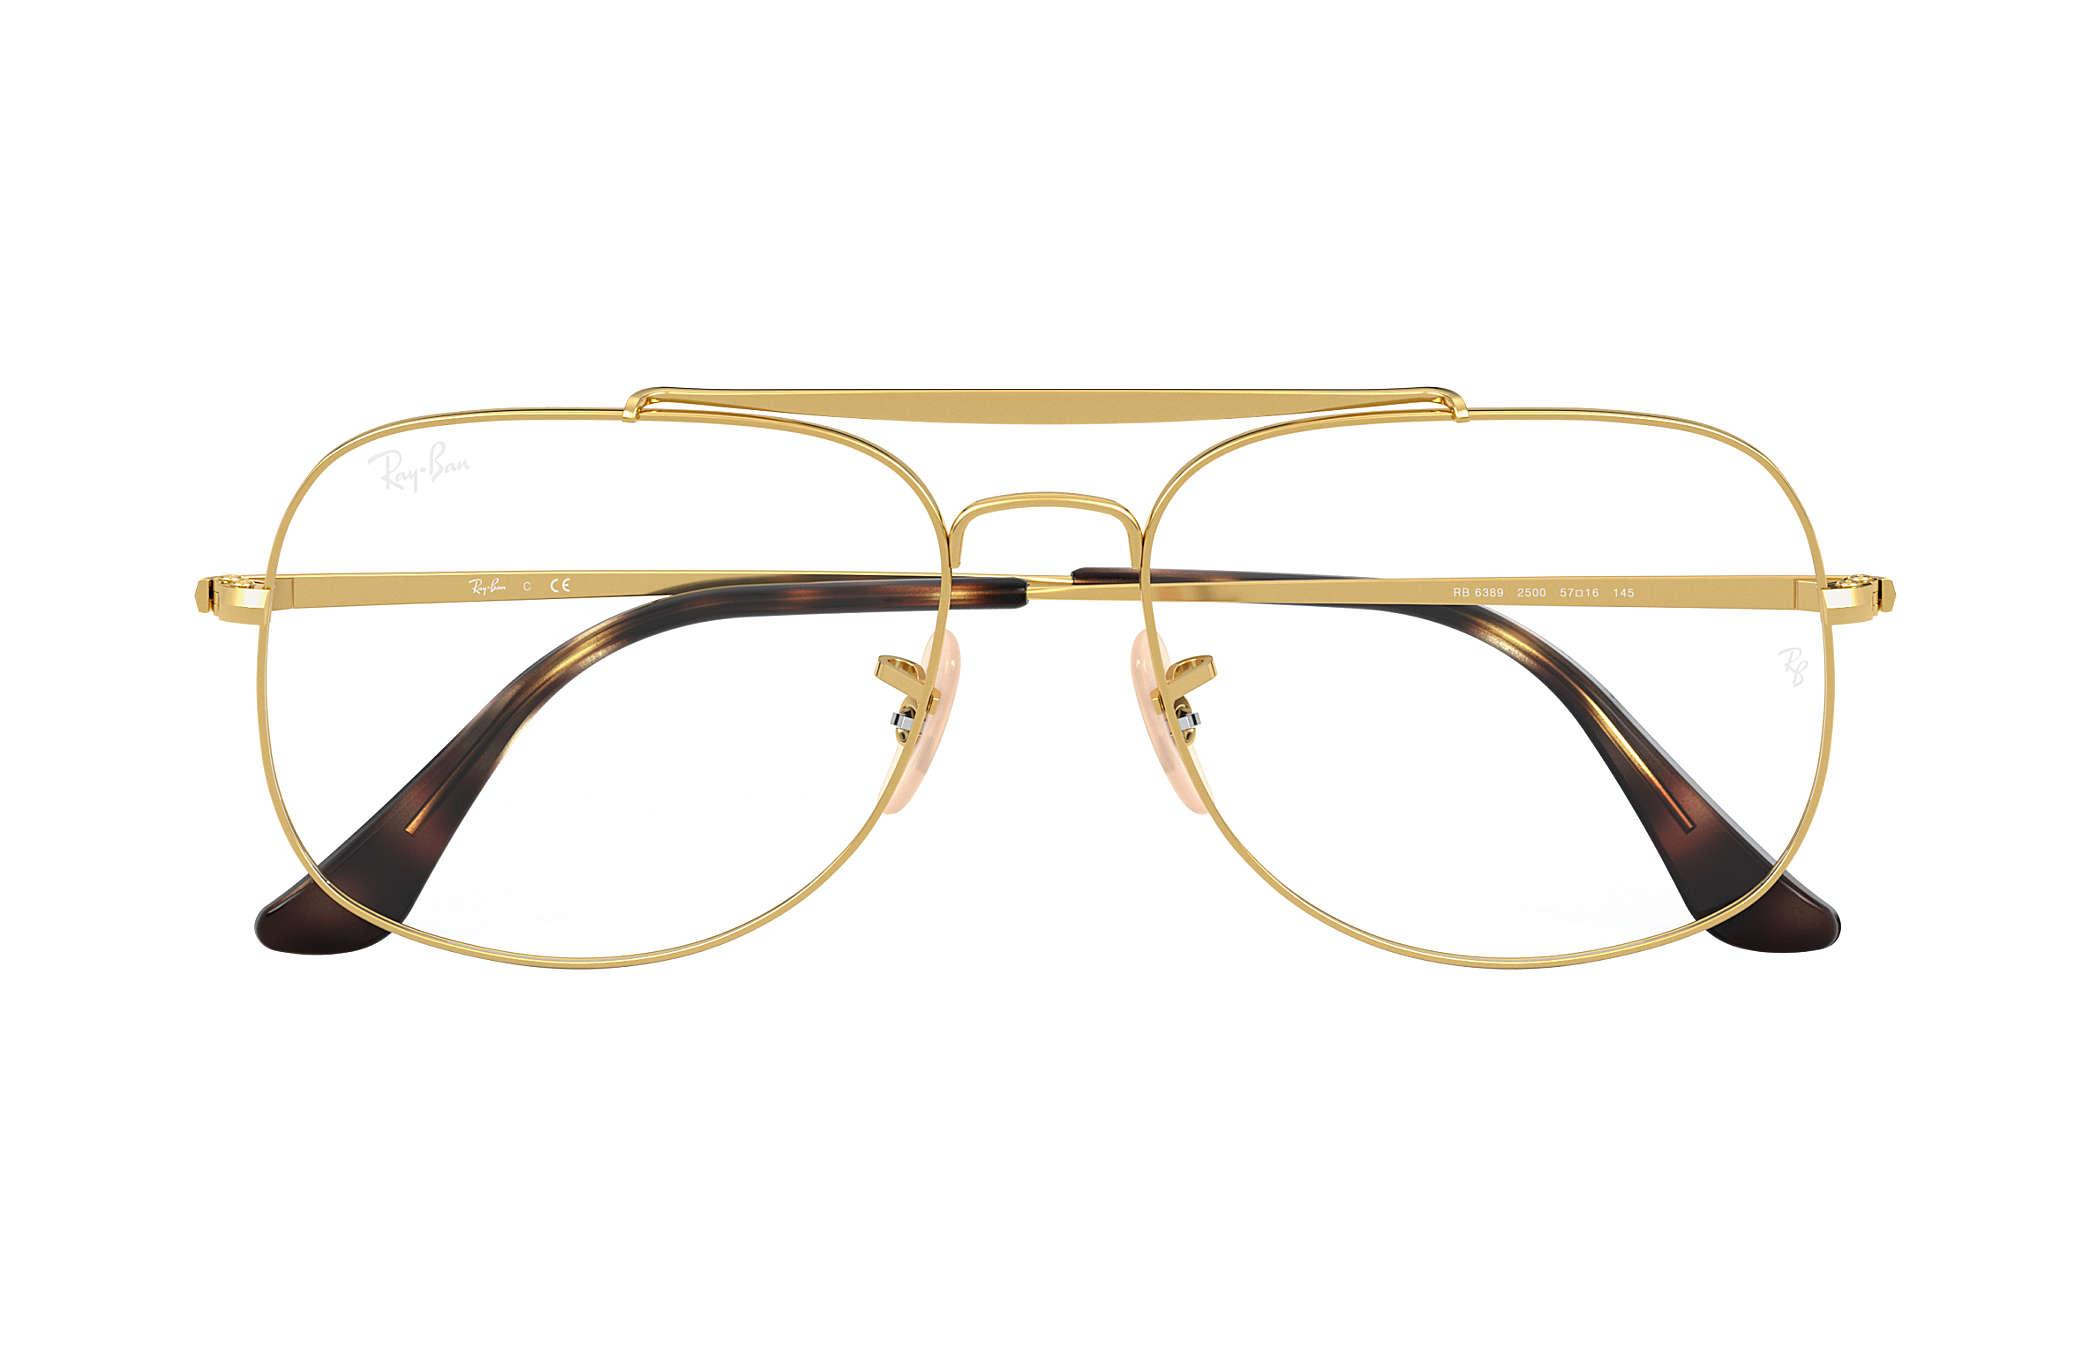 f2d71b0d3d Ray-Ban eyeglasses General Optics RB6389 Gold - Metal ...